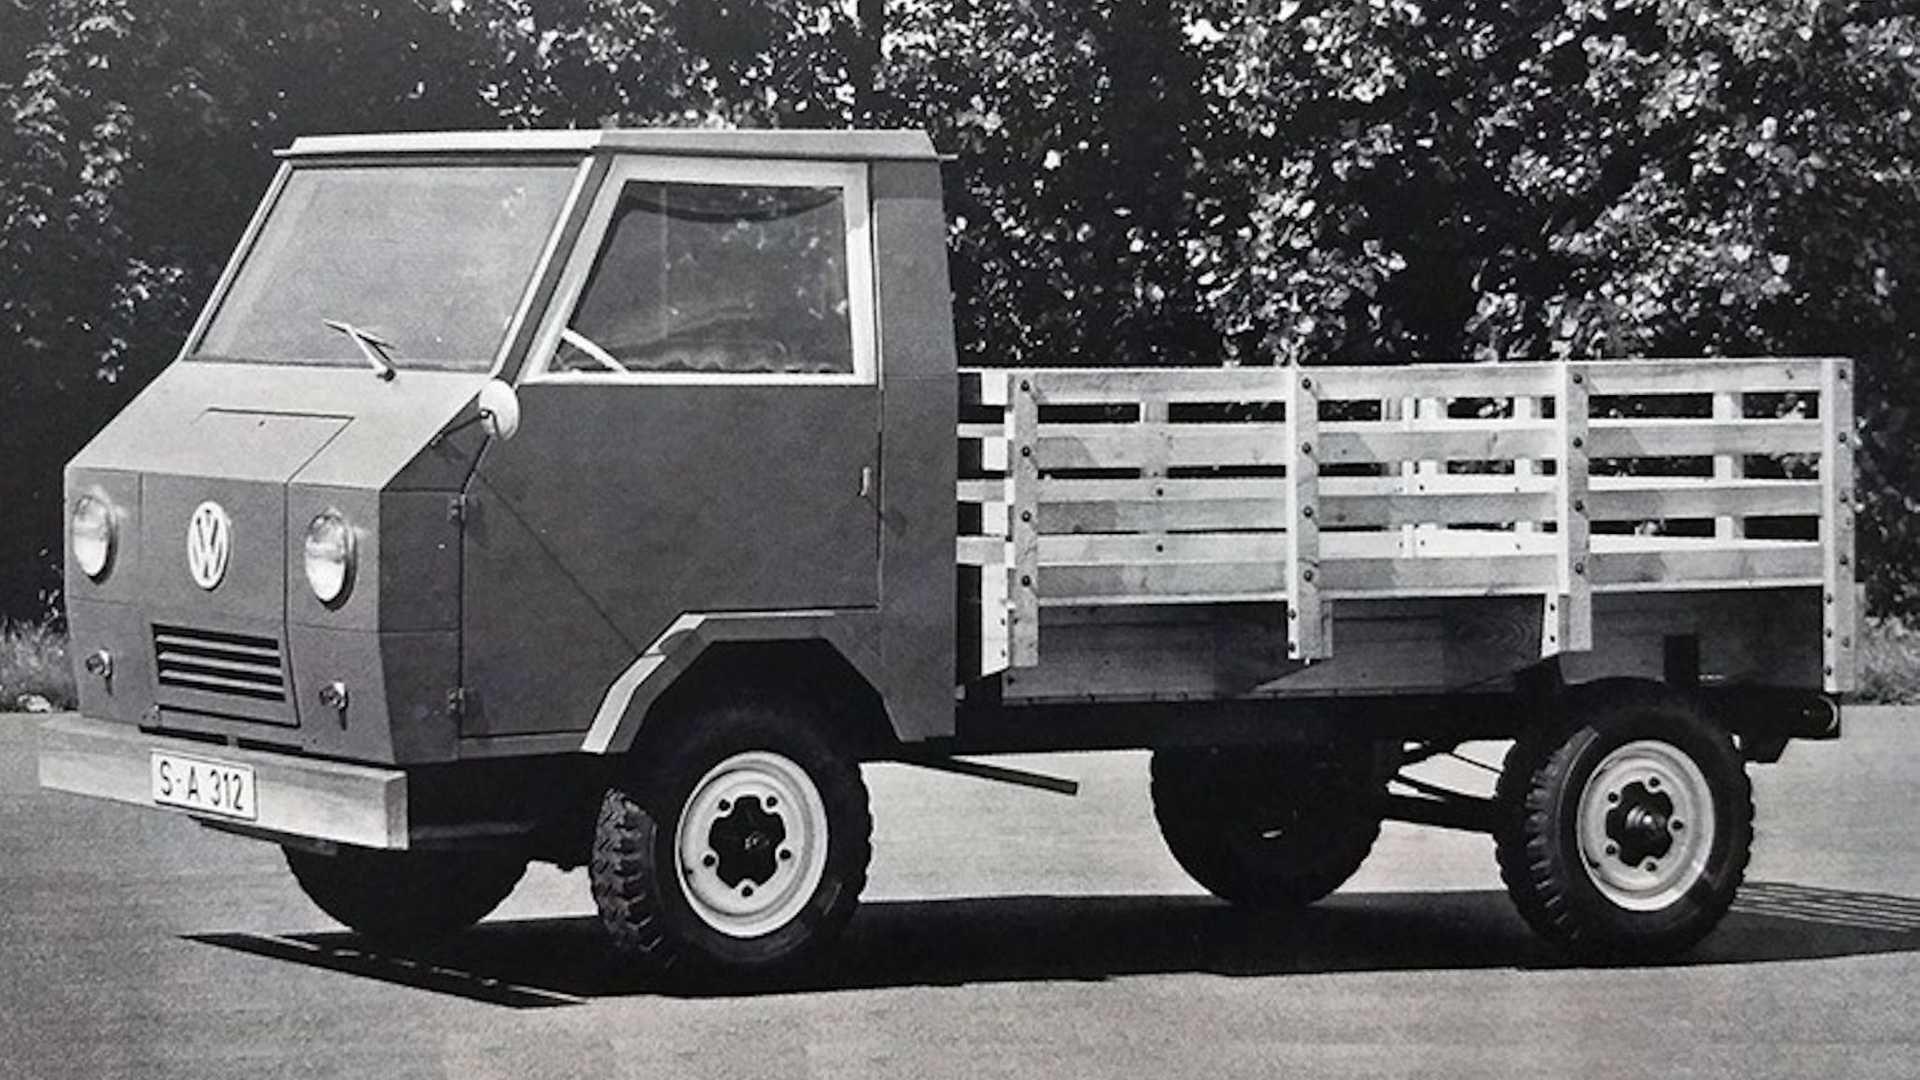 میترا؛ خودروی کلاسیک فولکس واگن از دهه 70 میلادی (+عکس)